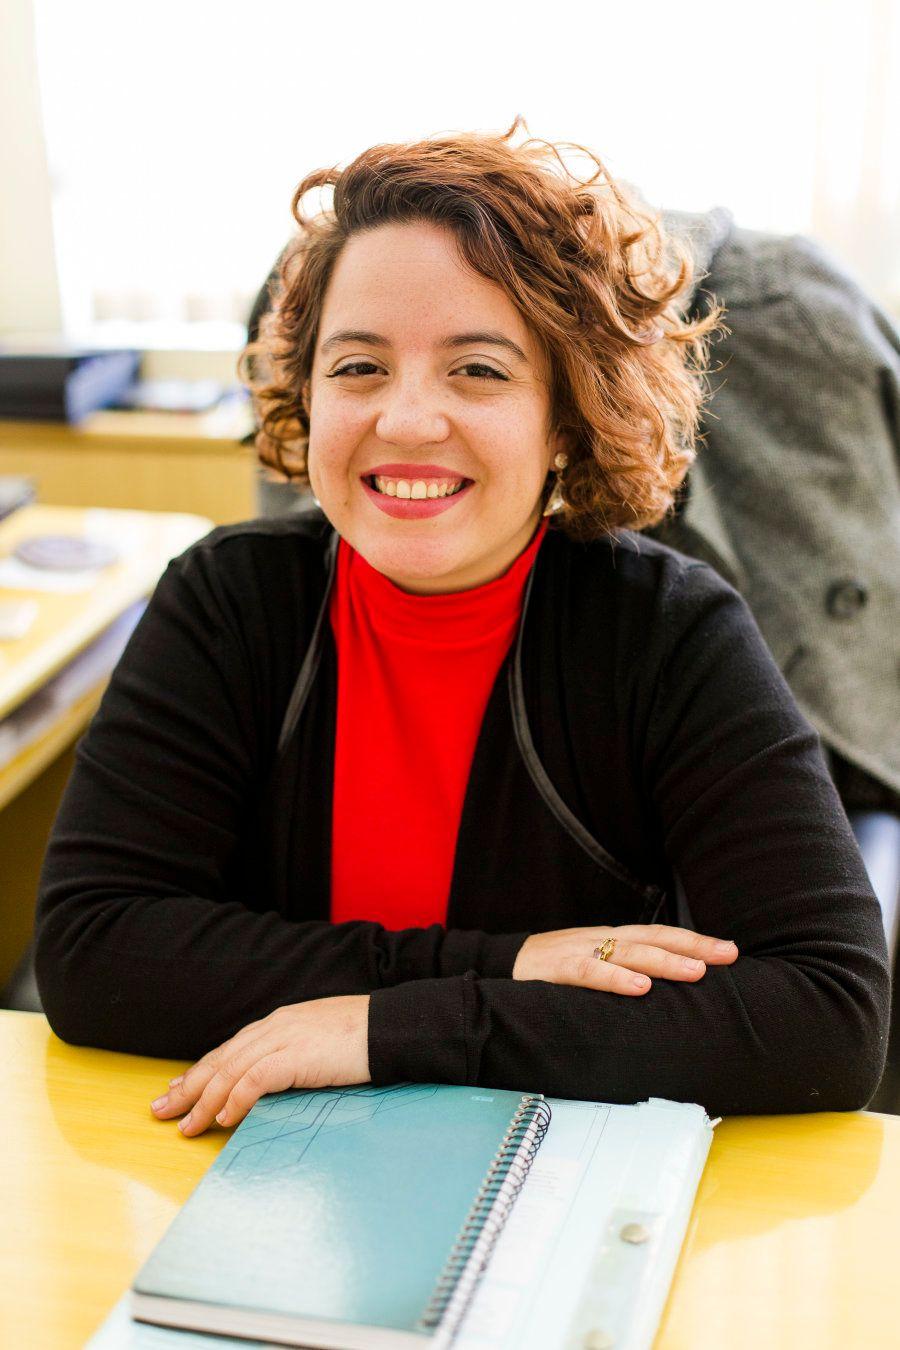 Atualmente, Gabriela e sua equipe estão formatando um projeto para ajudar outras mulheres